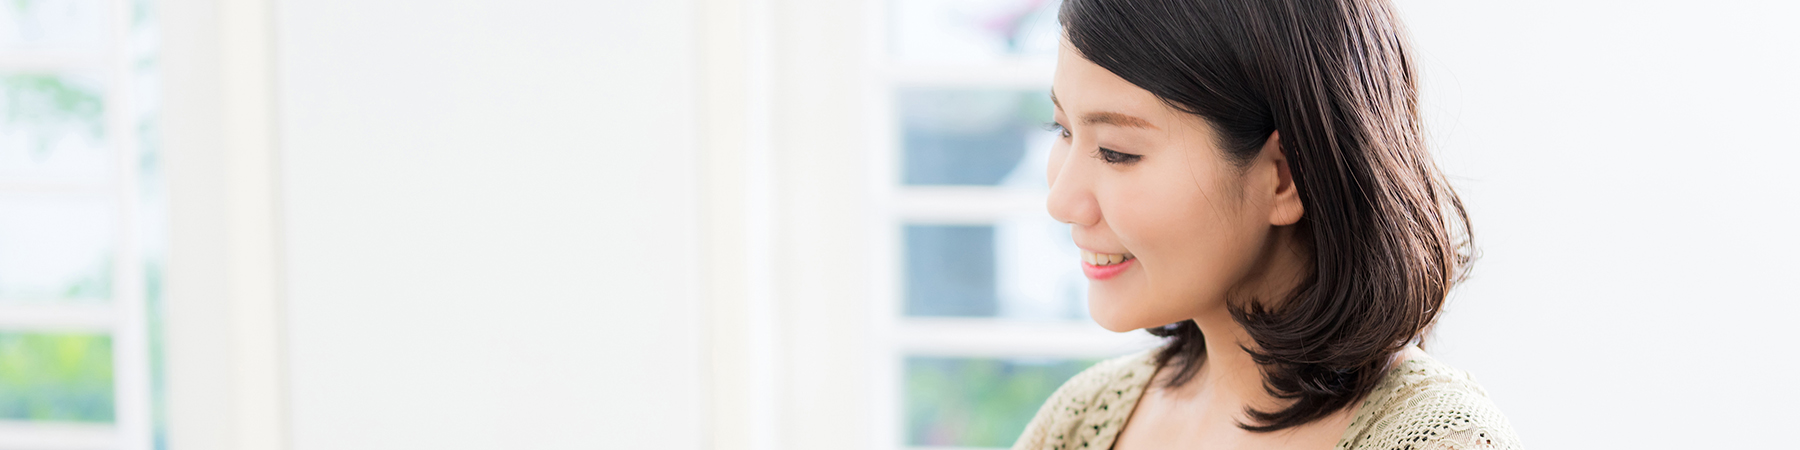 日本生活環境支援協会 | 資格取得証明について